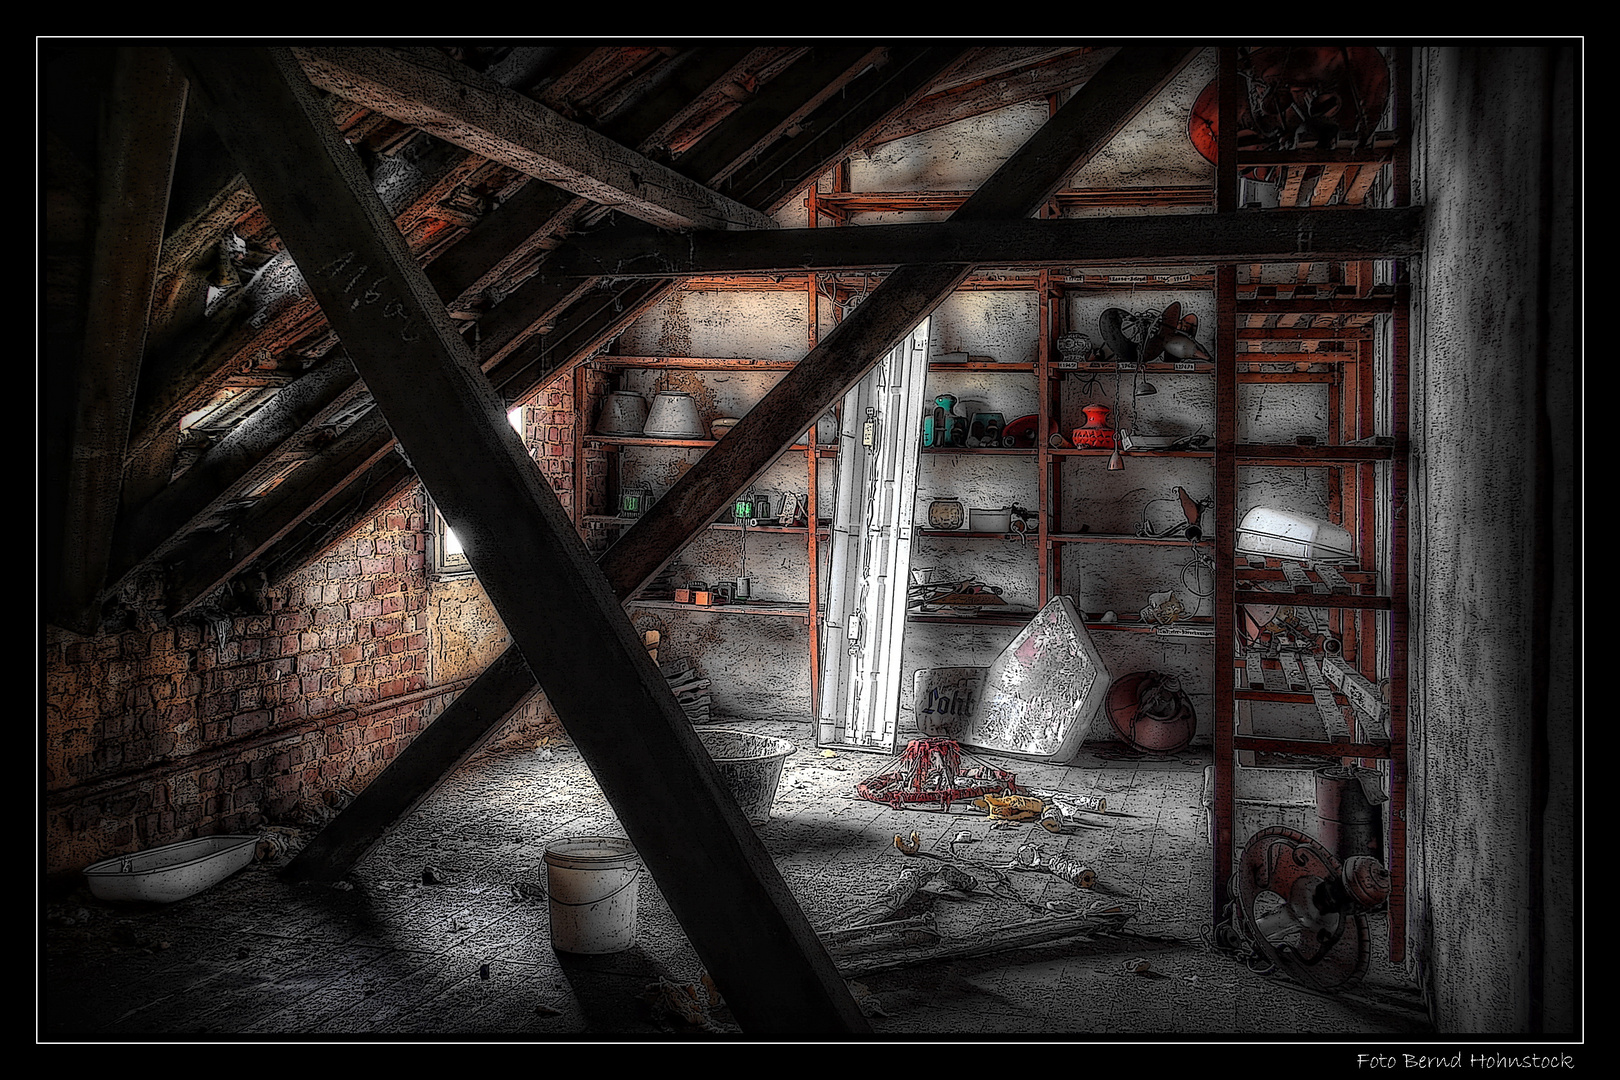 der Dachboden ...